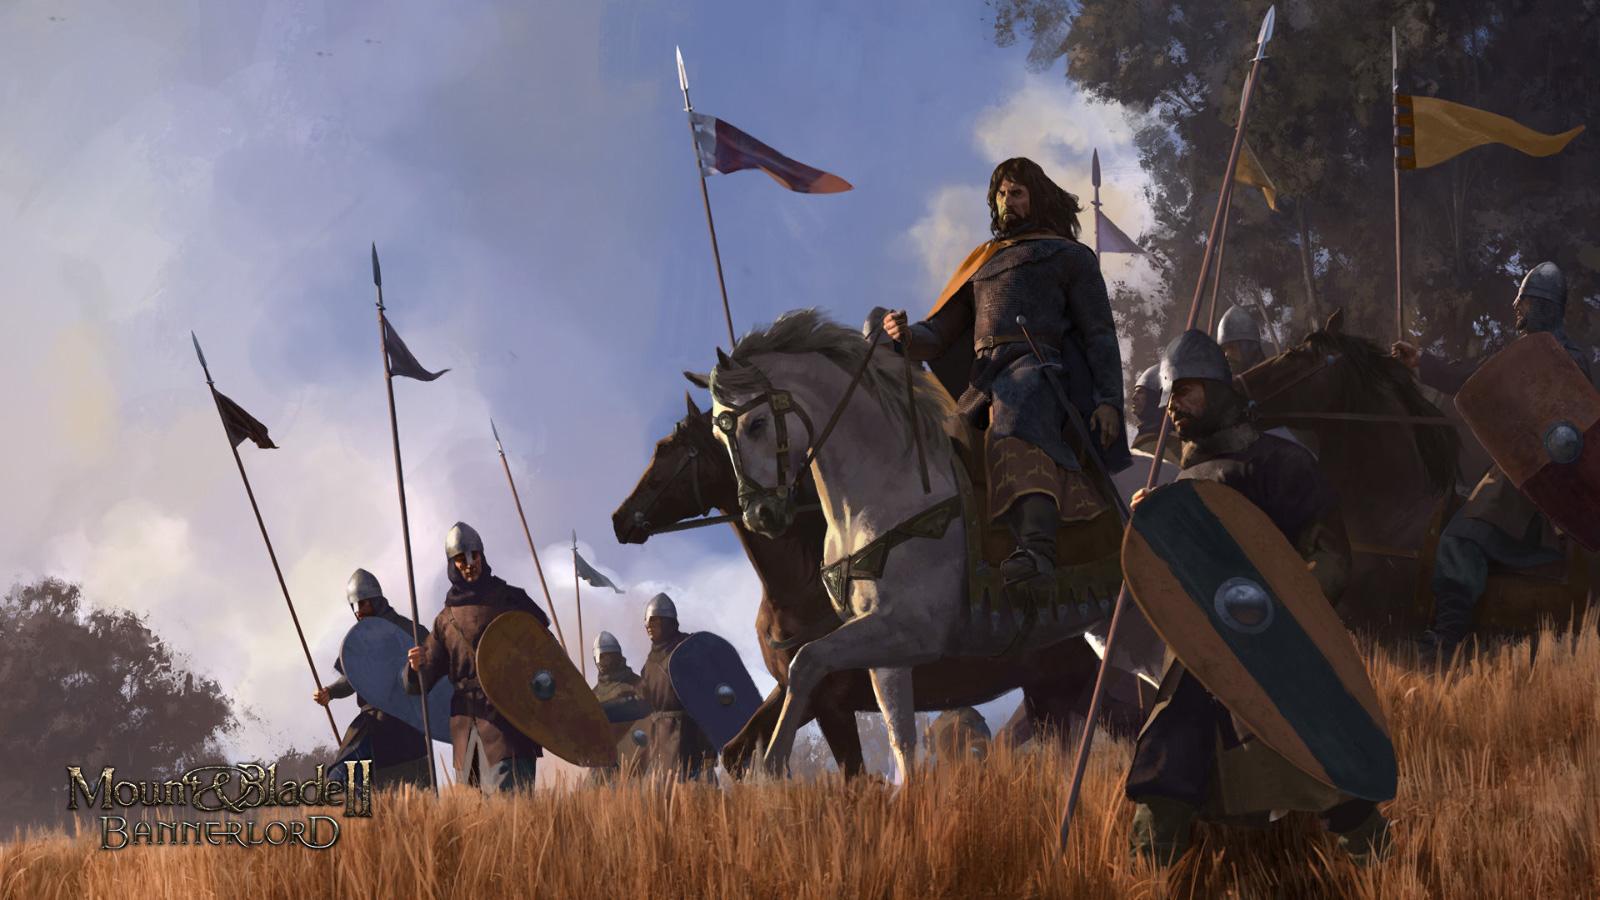 Релизная версия Mount & Blade II: Bannerlord выйдет не раньше четвёртого квартала этого года